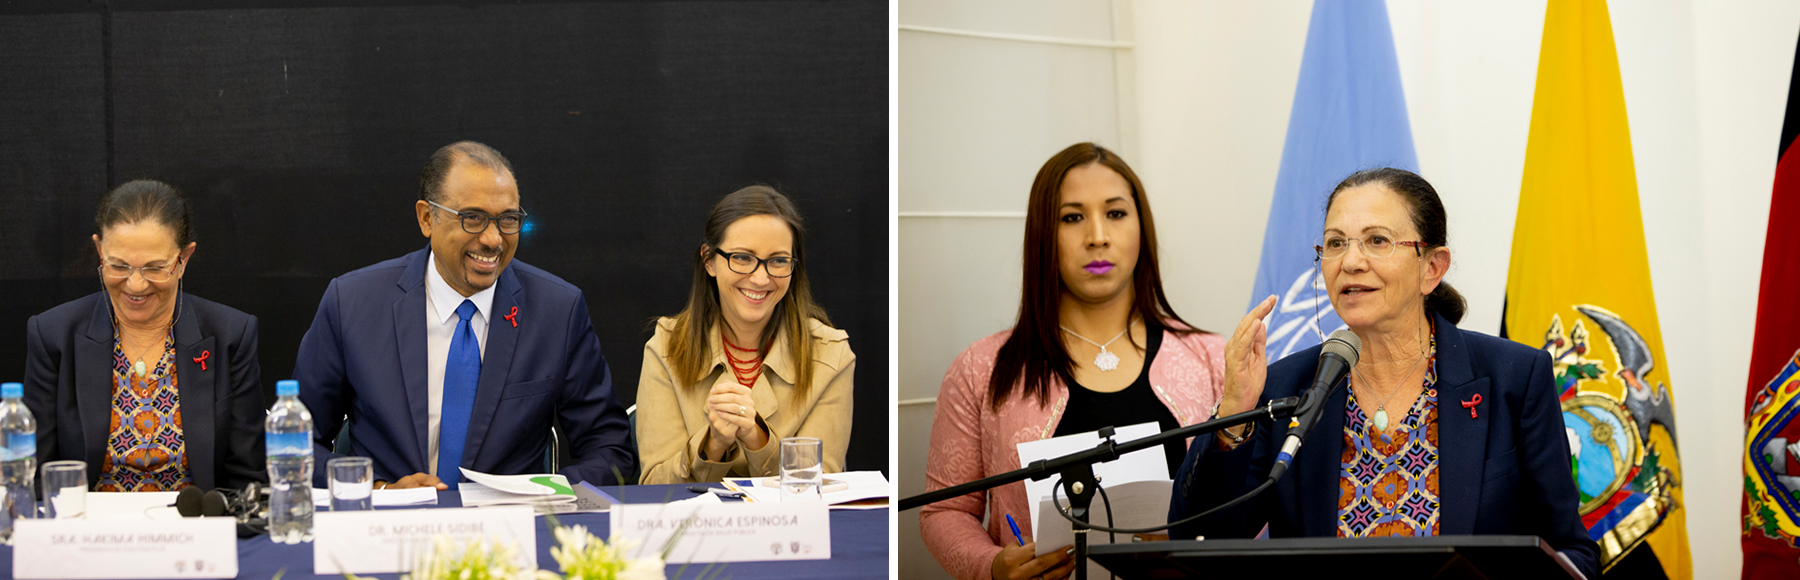 Rede de cooperação da sociedade civil para as Américas e o Caribe é lançada no Equador